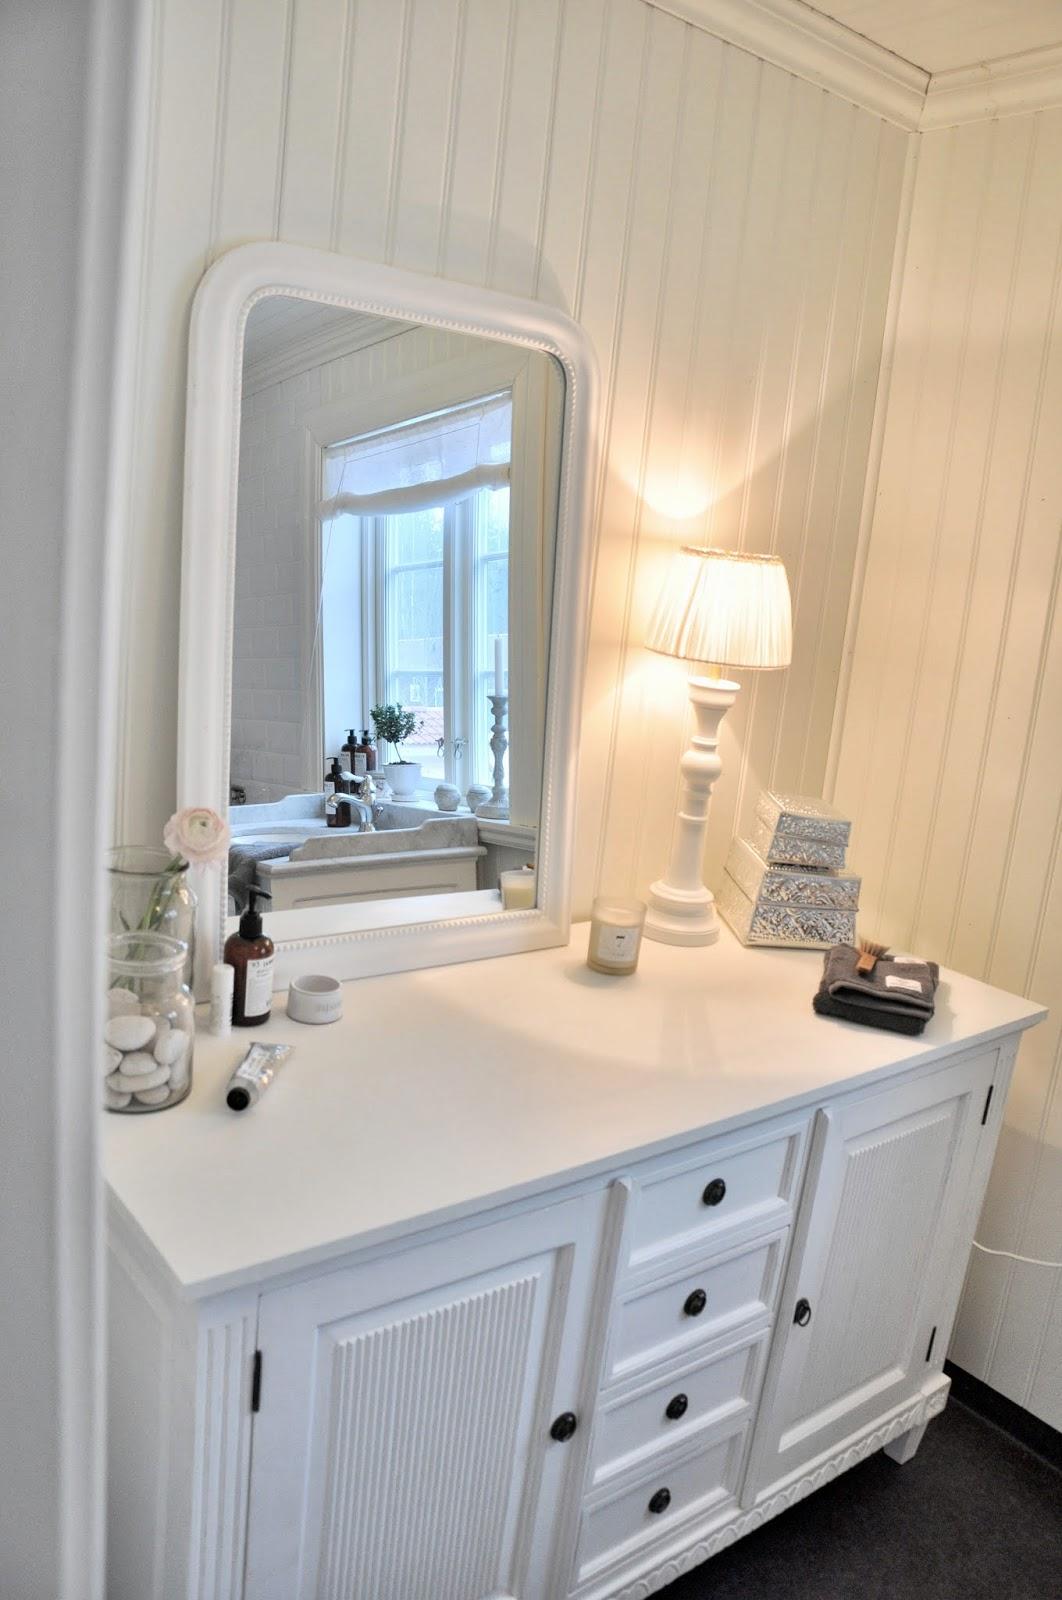 Marias vita bo: ny lampa i badrummet